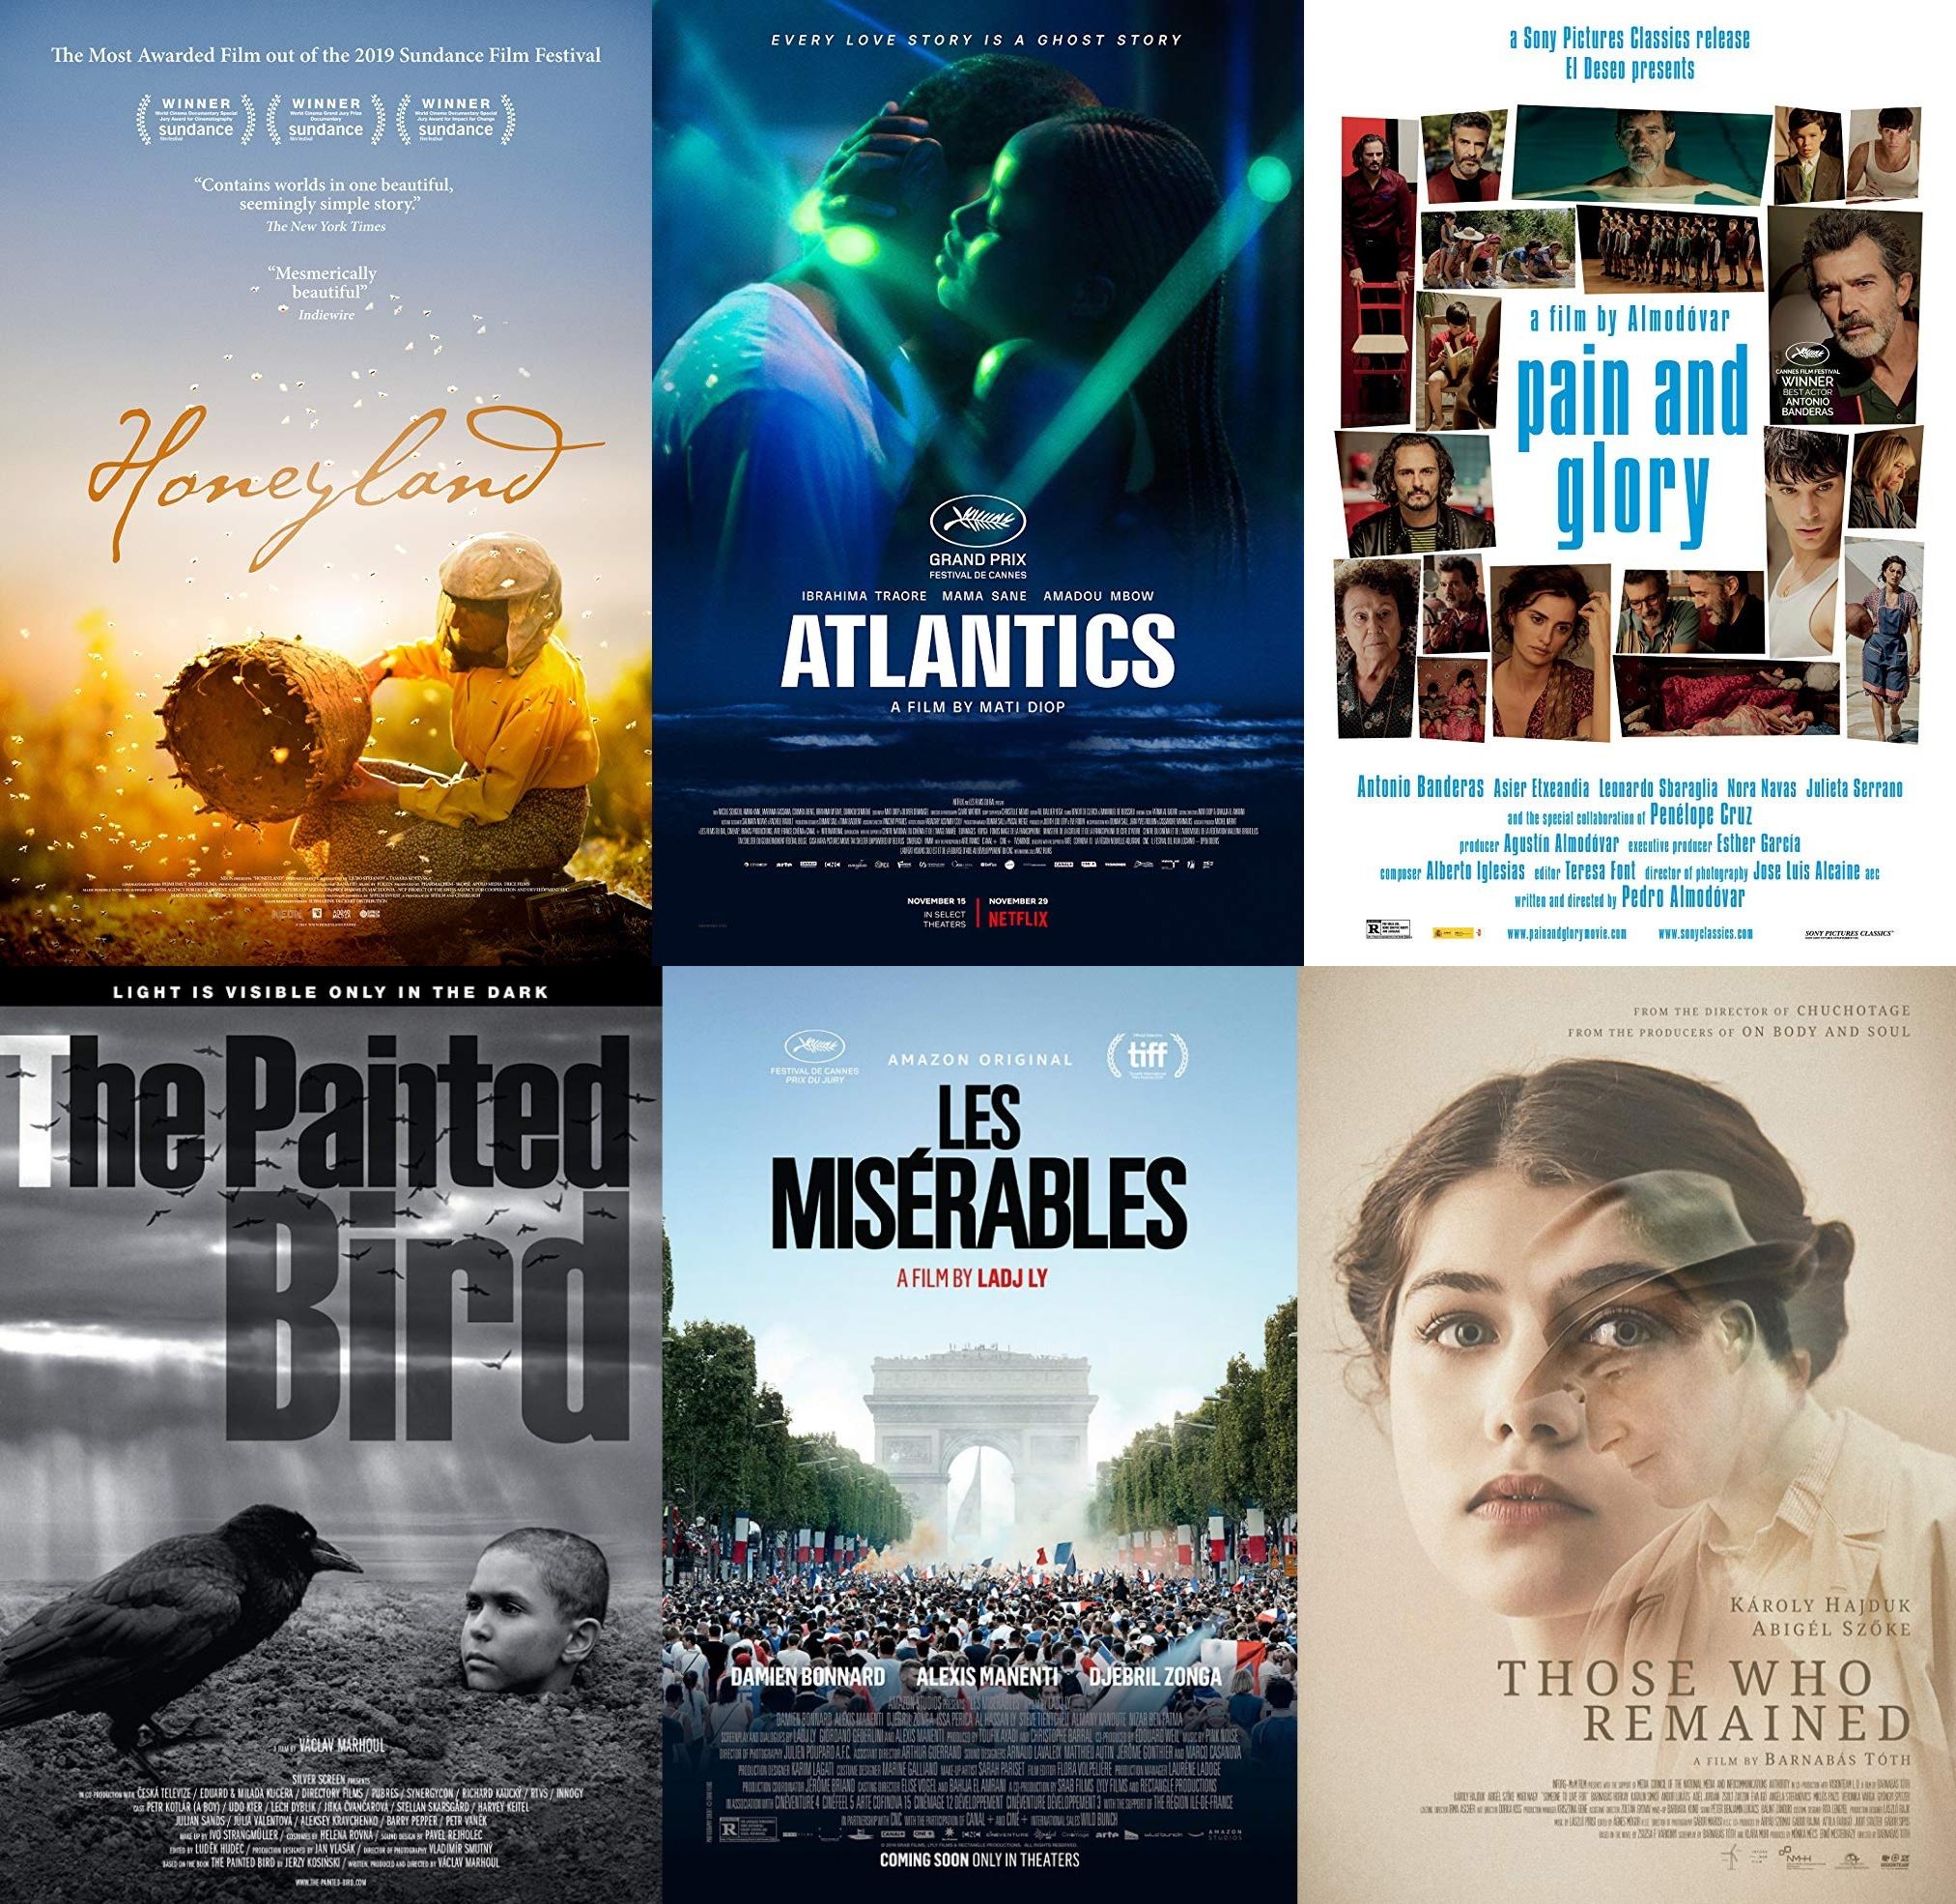 オスカー国際長編映画賞部門エントリー作品の劇場公開、映画祭上映、配信、買付情報